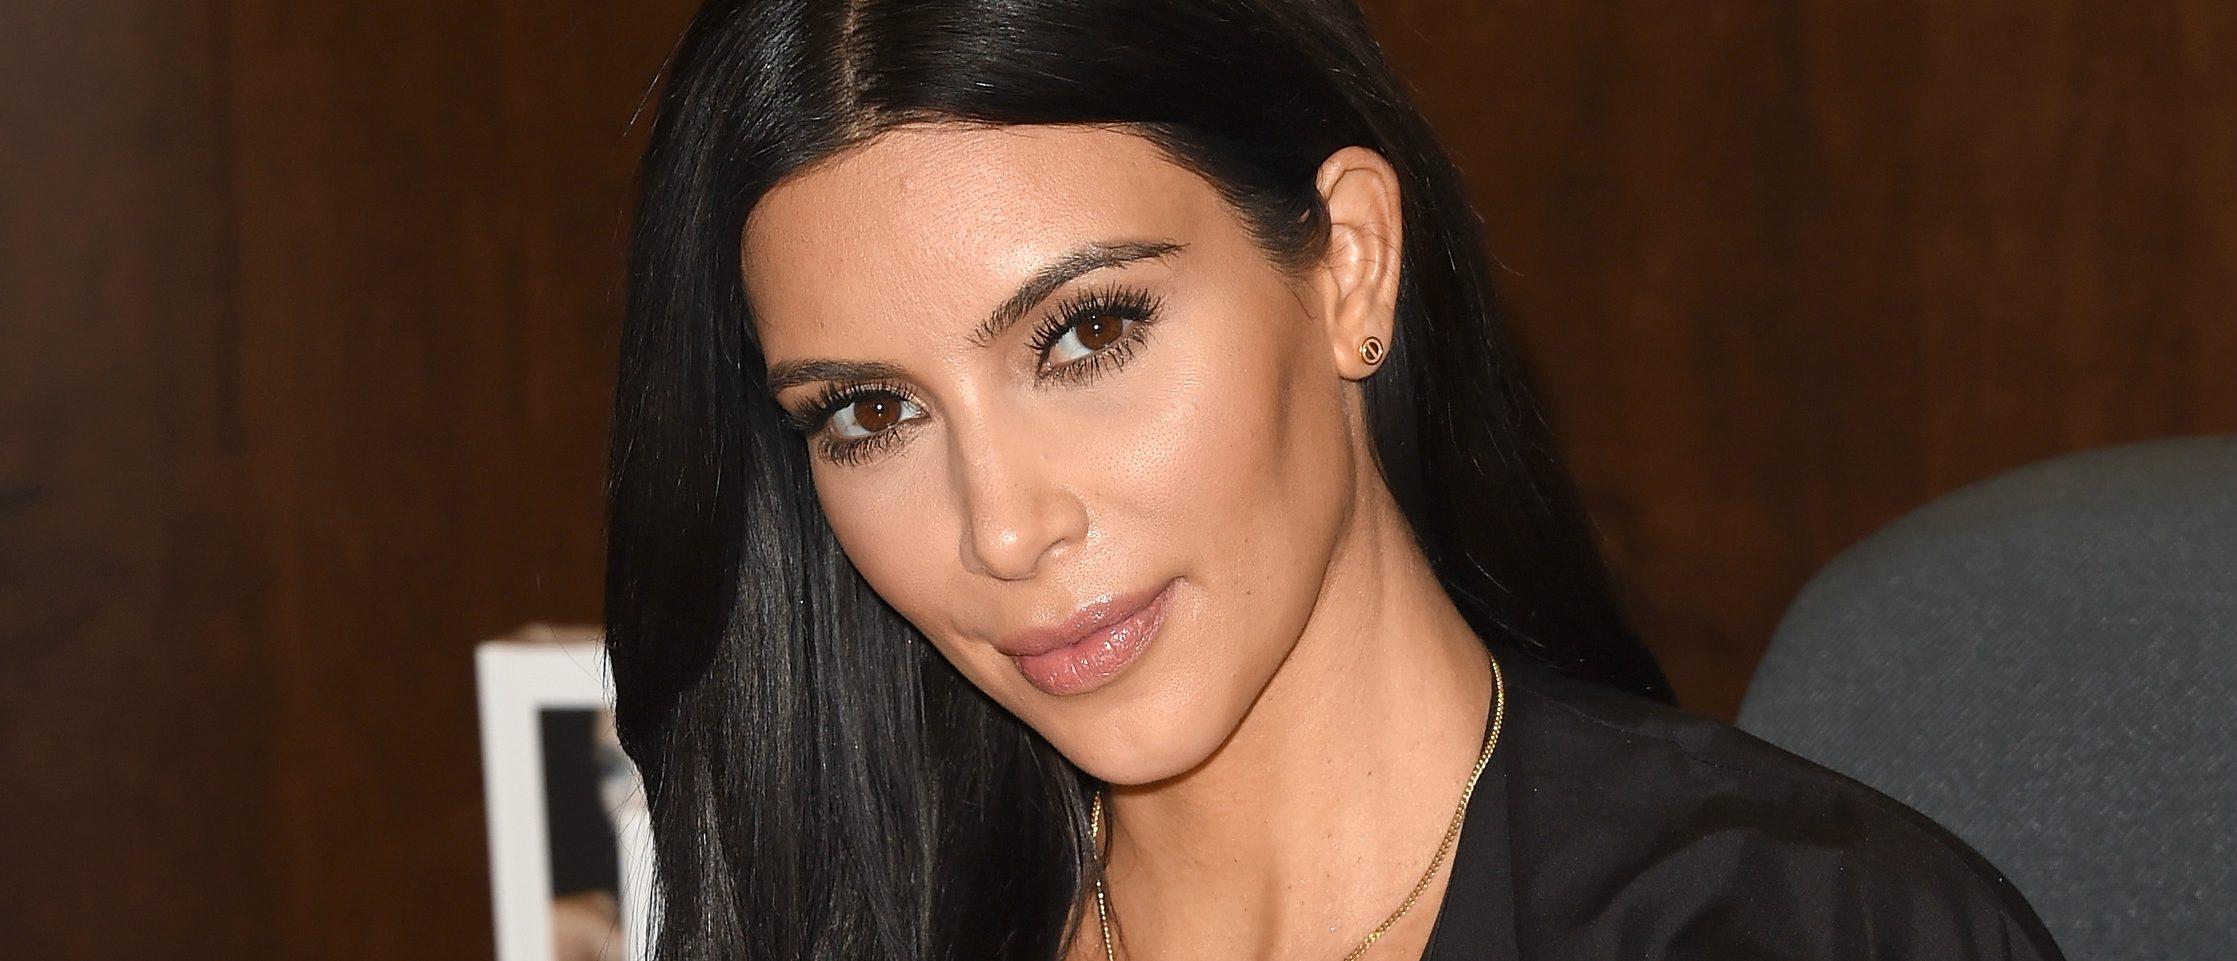 Kim Kardashian gun violence